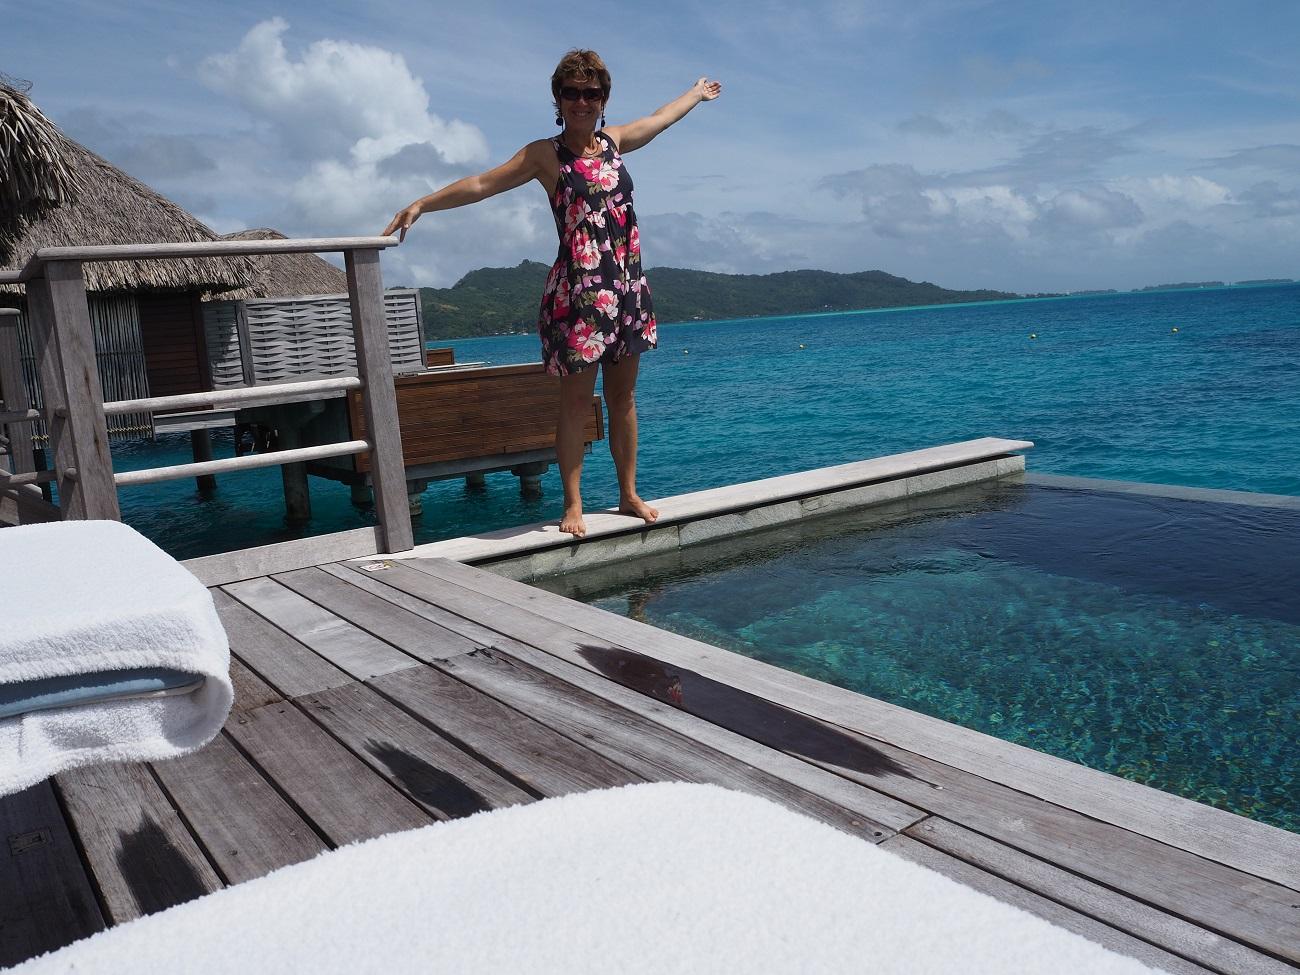 4. kép: Bora Bora